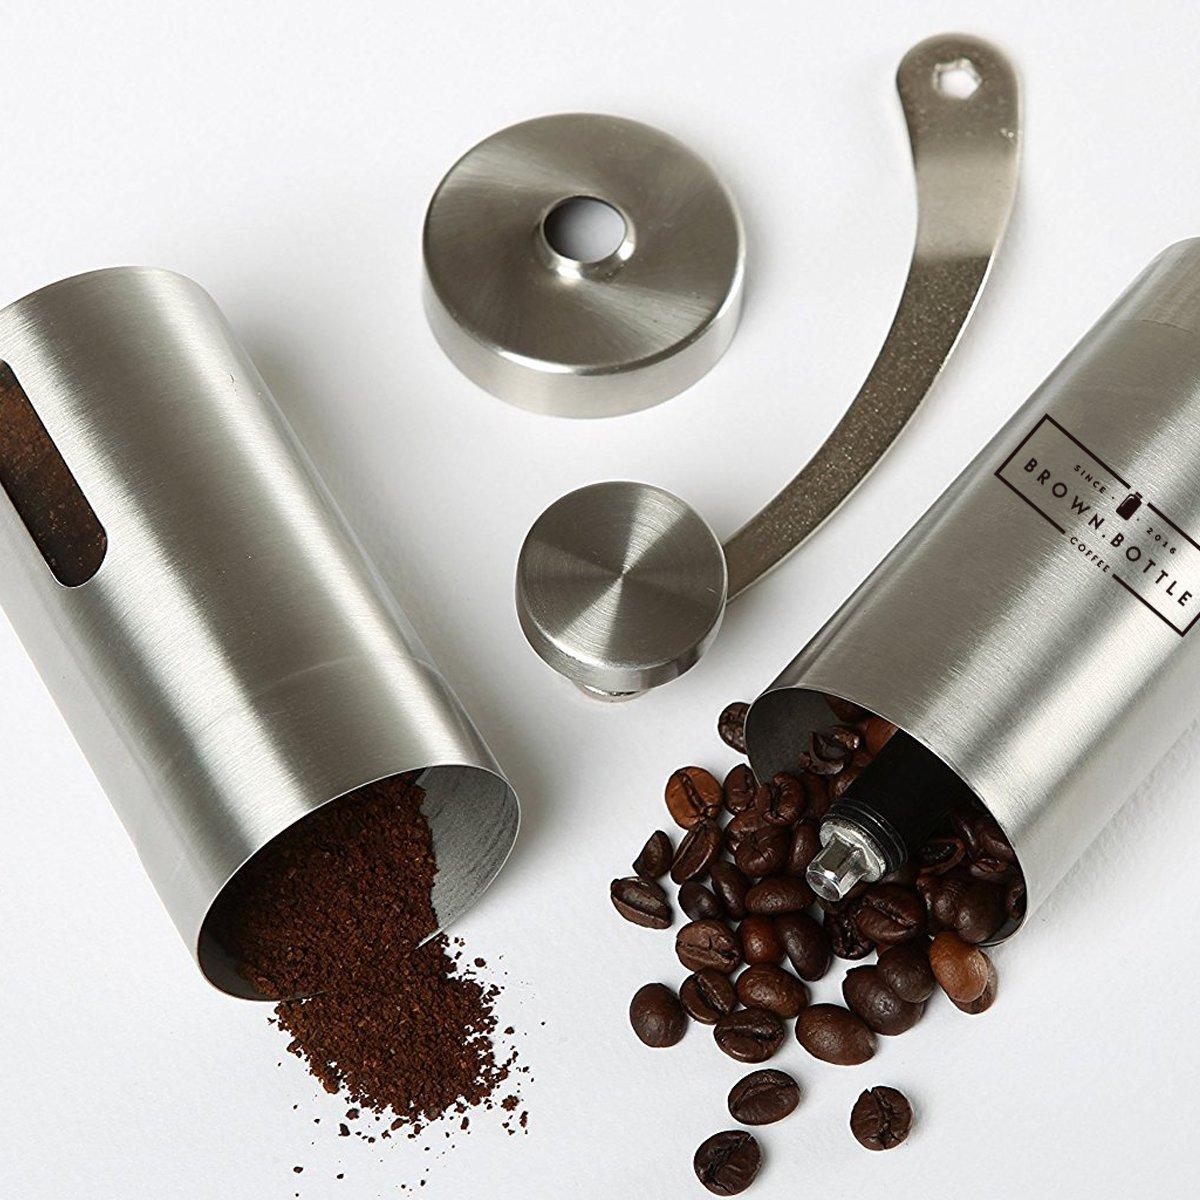 manuelle Handm/ühle f/ür Kaffeebohnen Kaffeem/ühle einstellbare Metall-Kaffeem/ühle f/ür gemahlenen Kaffee mit feinem und grobem Mahlgrad edelstahl Coffee Grinder